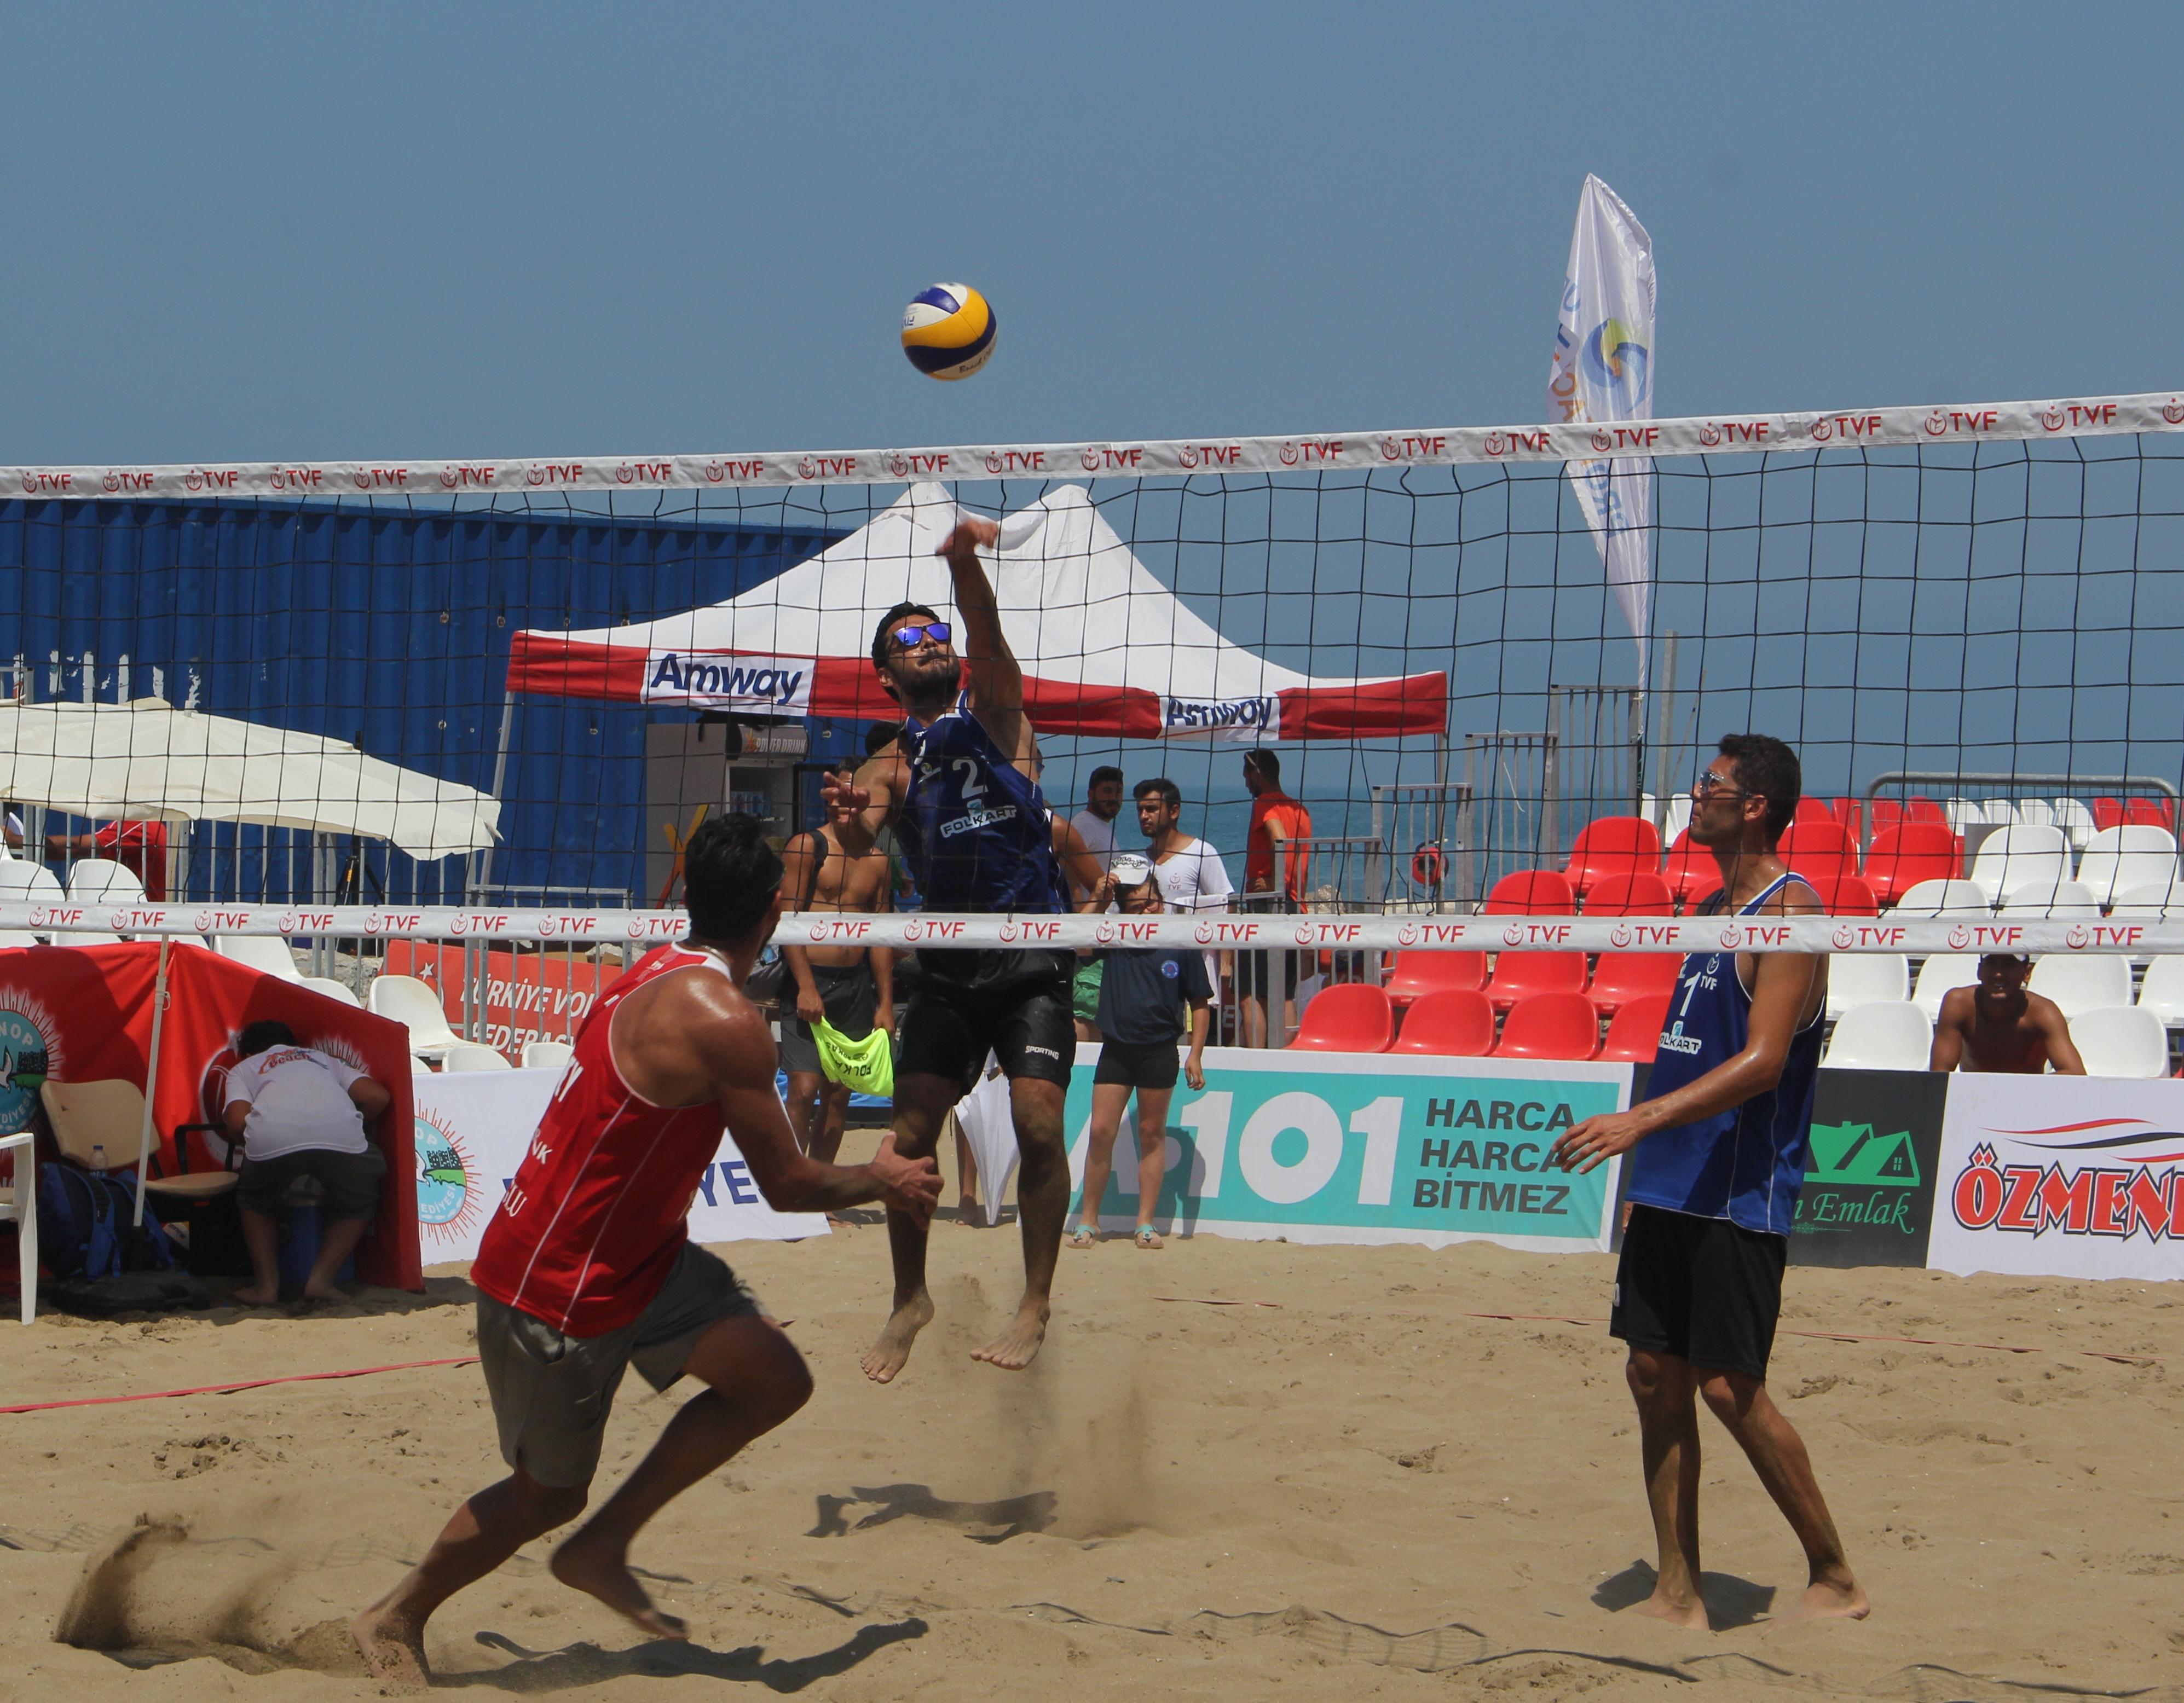 Plaj Voleybolu Kulüpler Ligi finalleri başladı